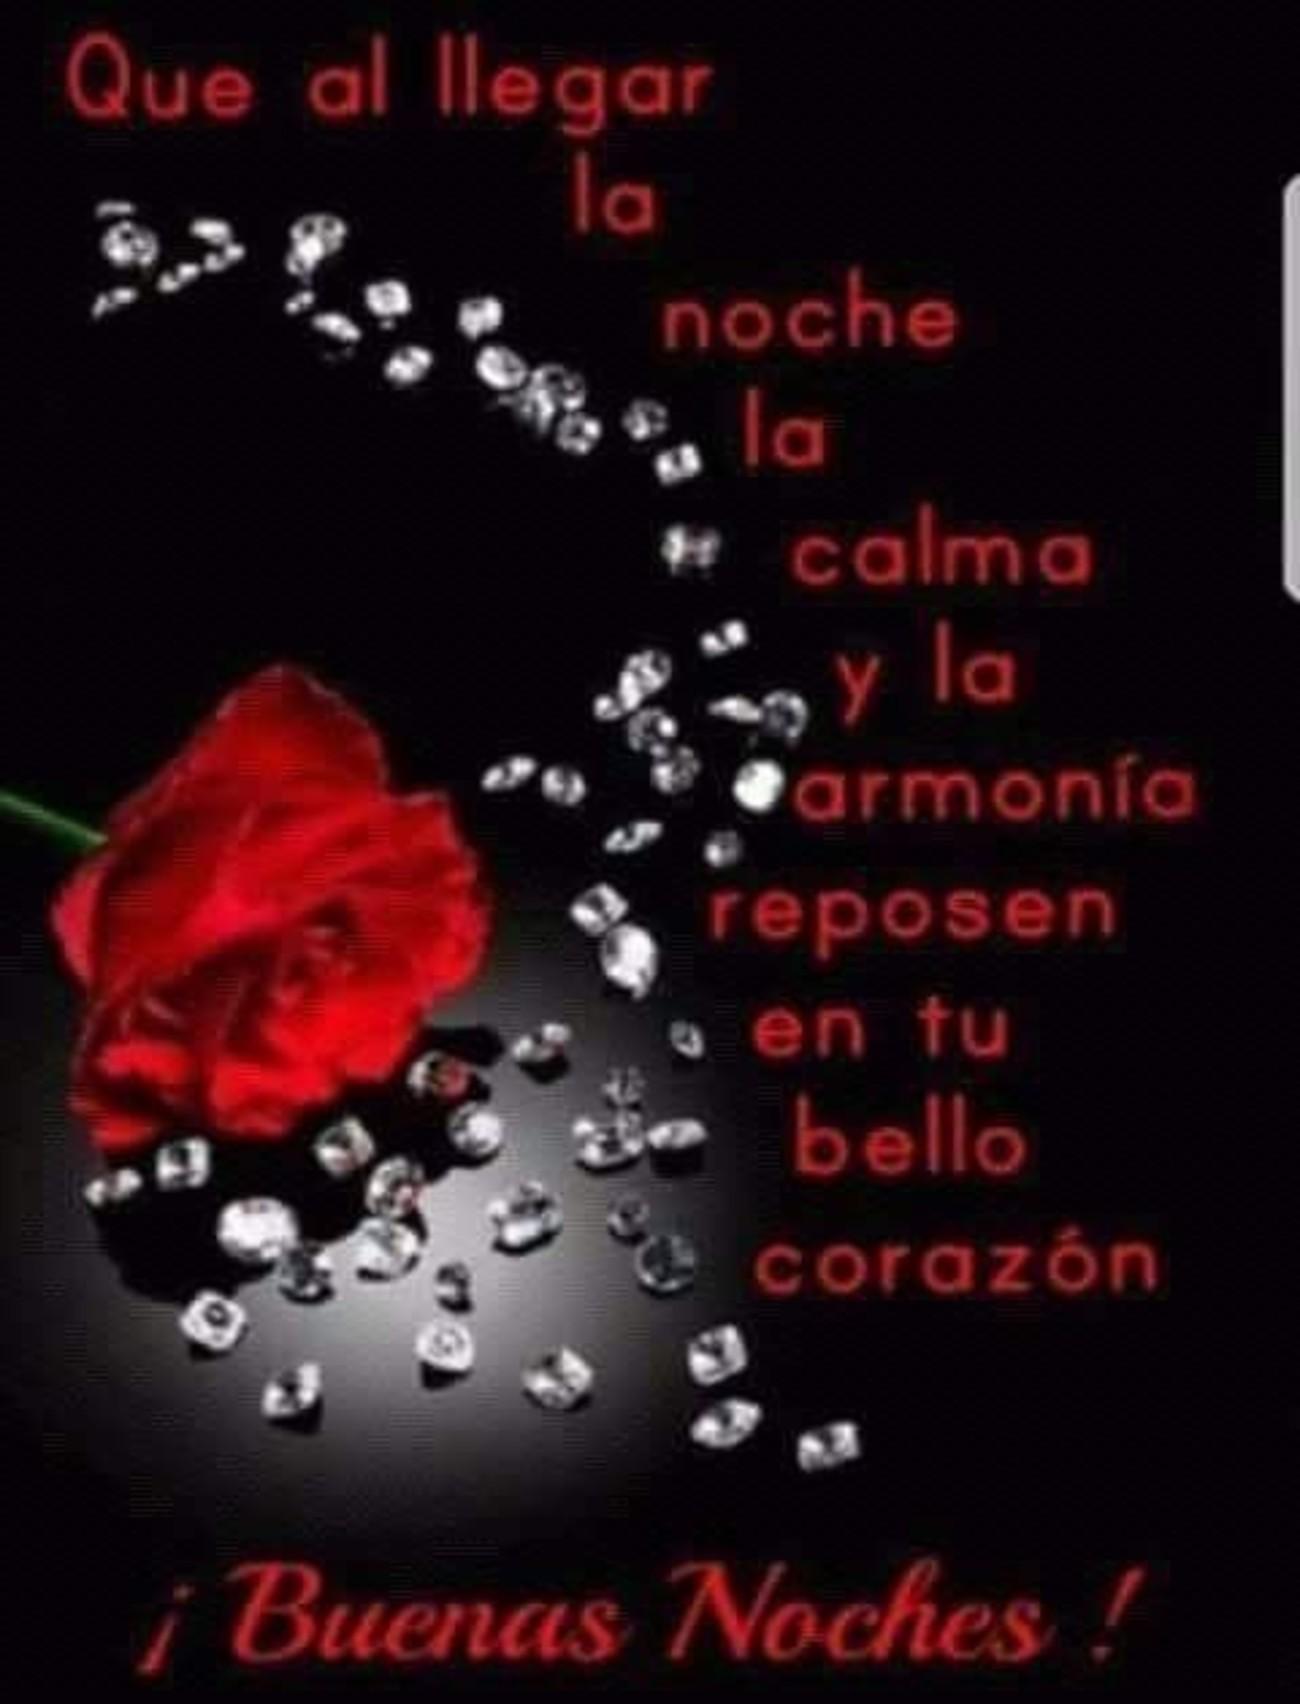 Buenas Noches amigos 846